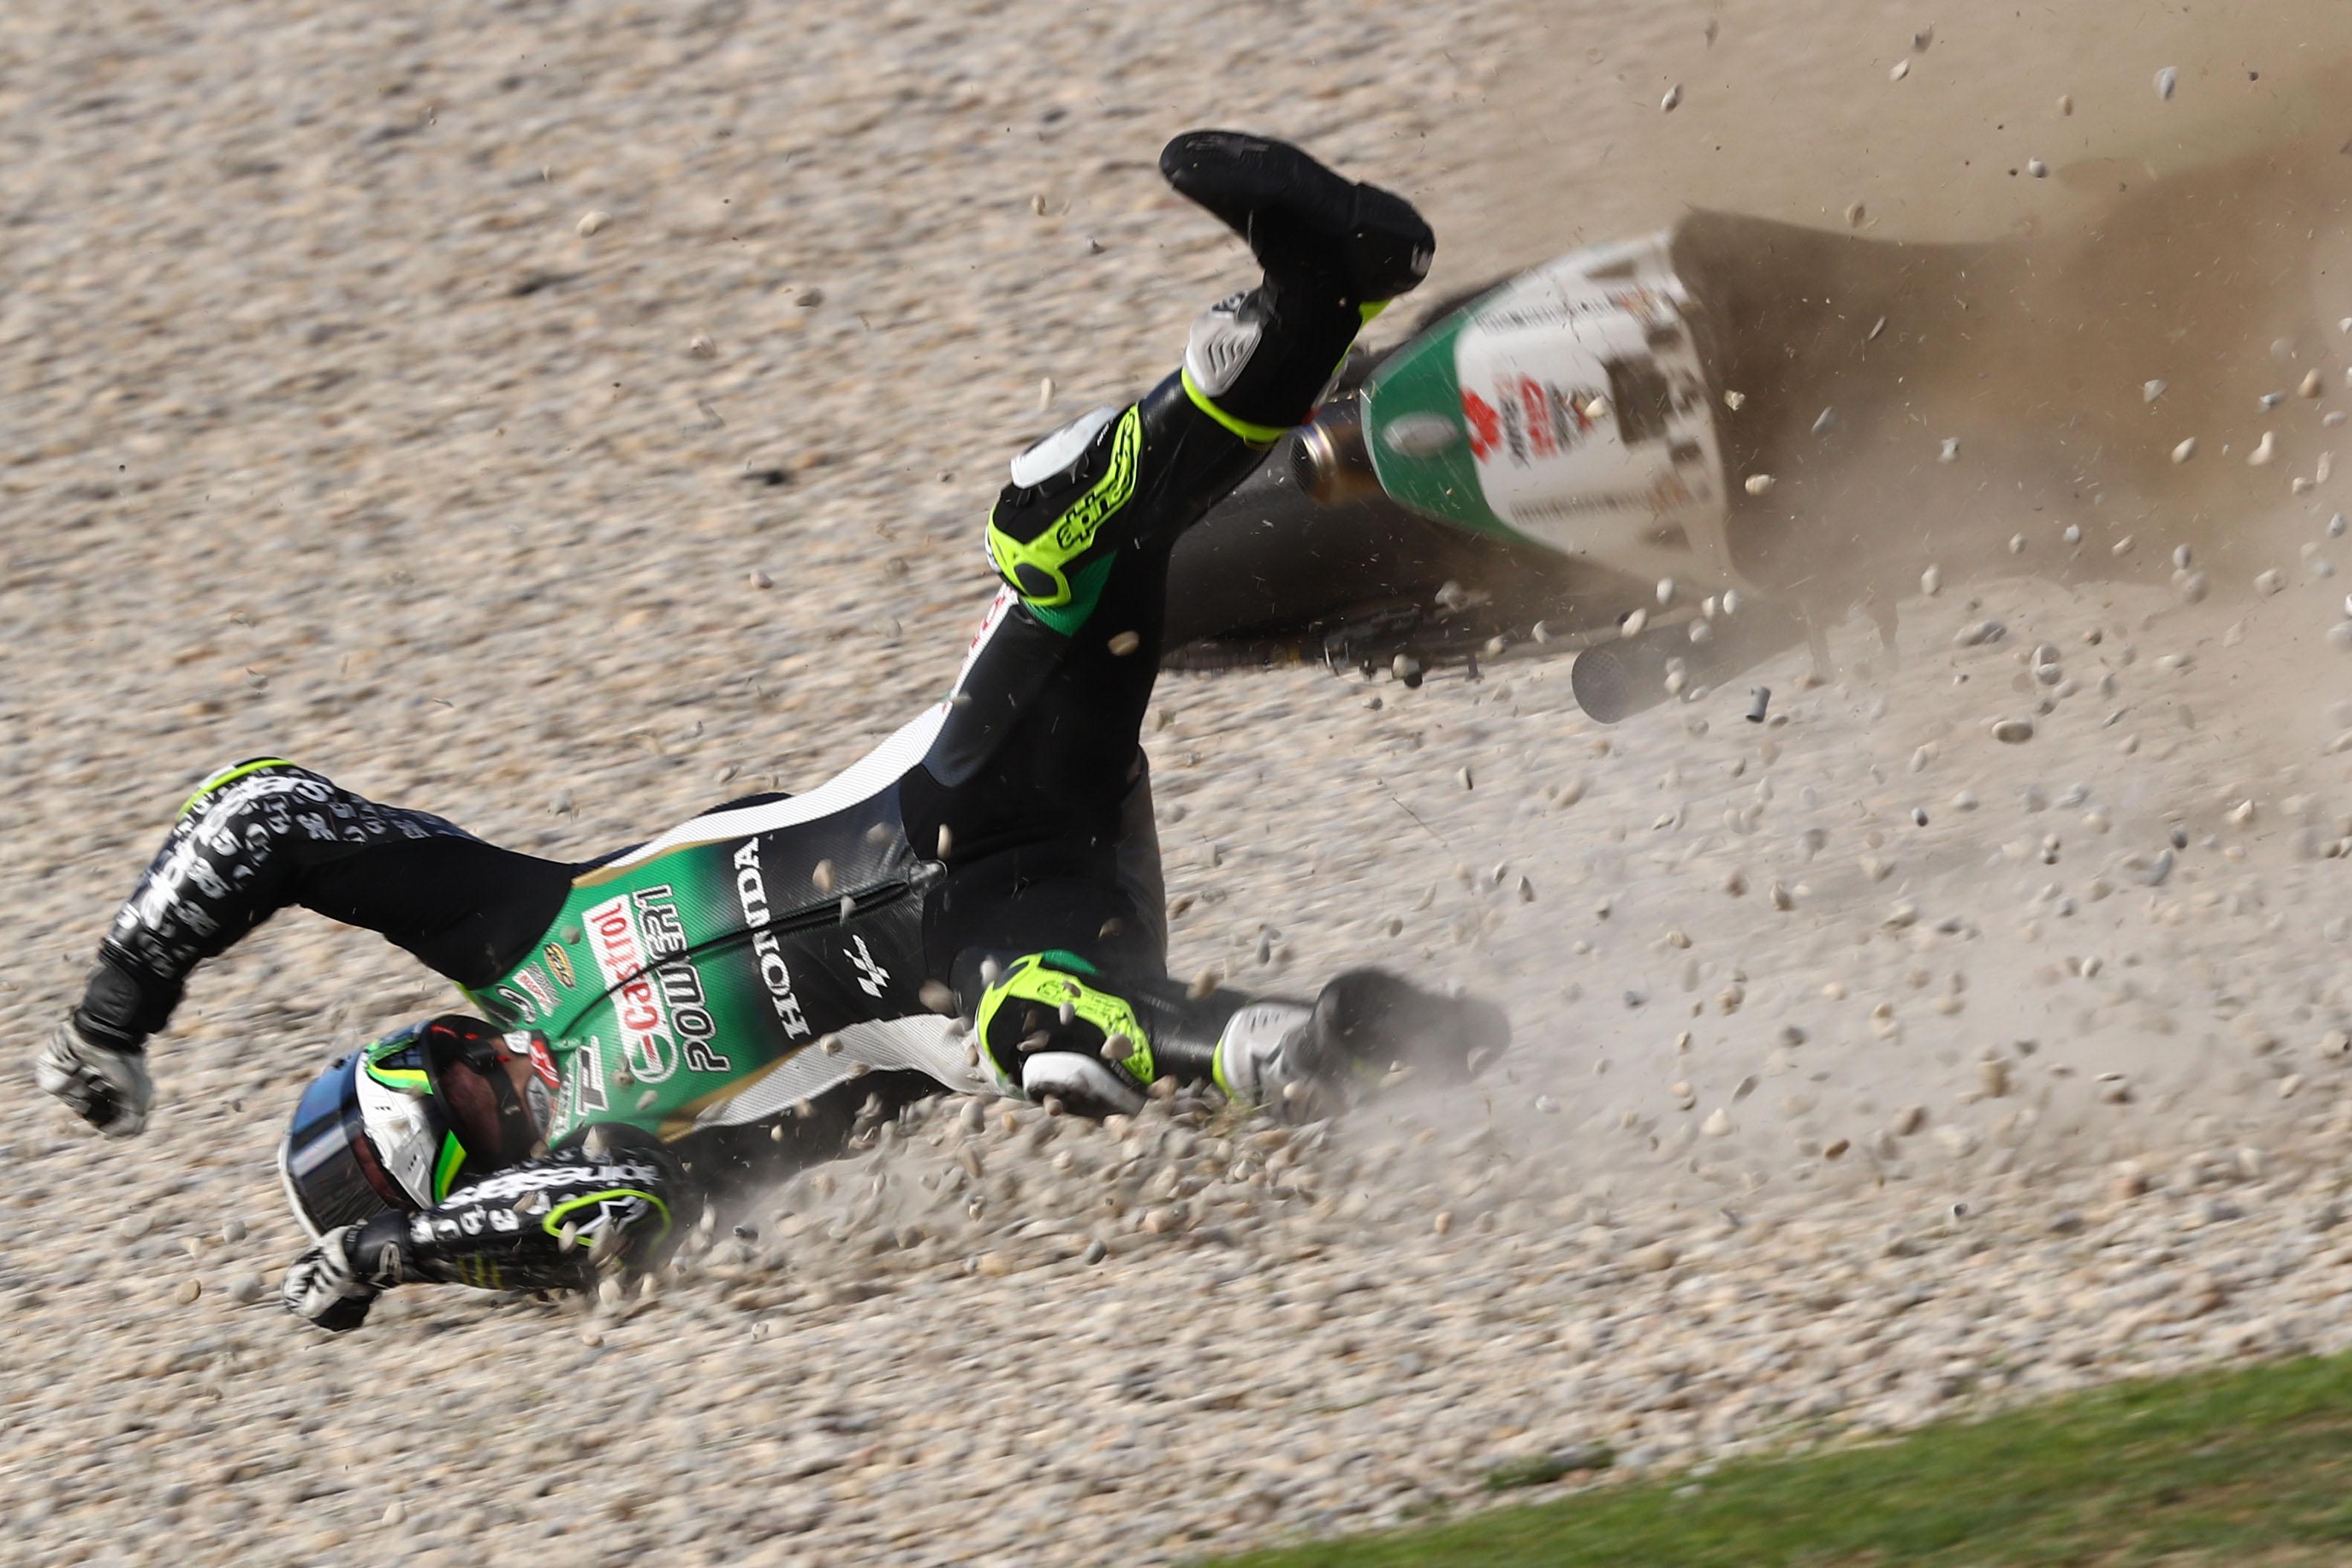 Cal Crutchlow crash, Catalunya MotoGP